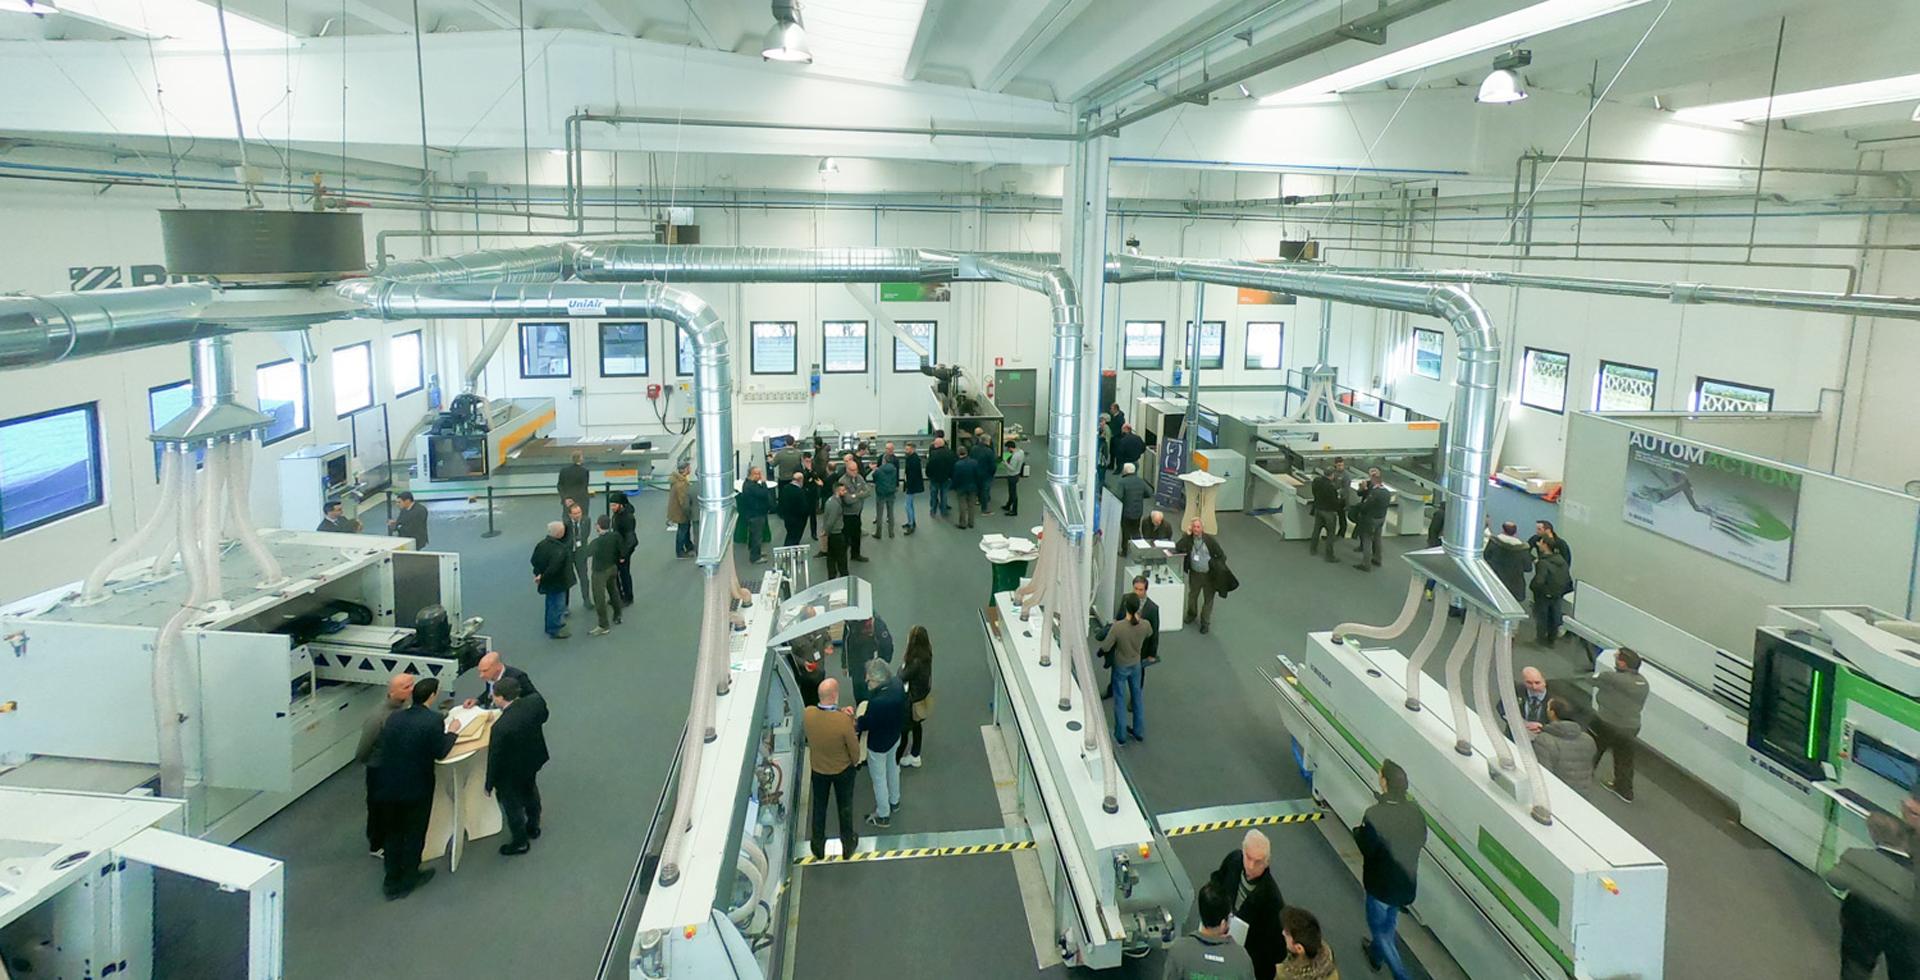 Entra nella fabbrica intelligente: Foto 2